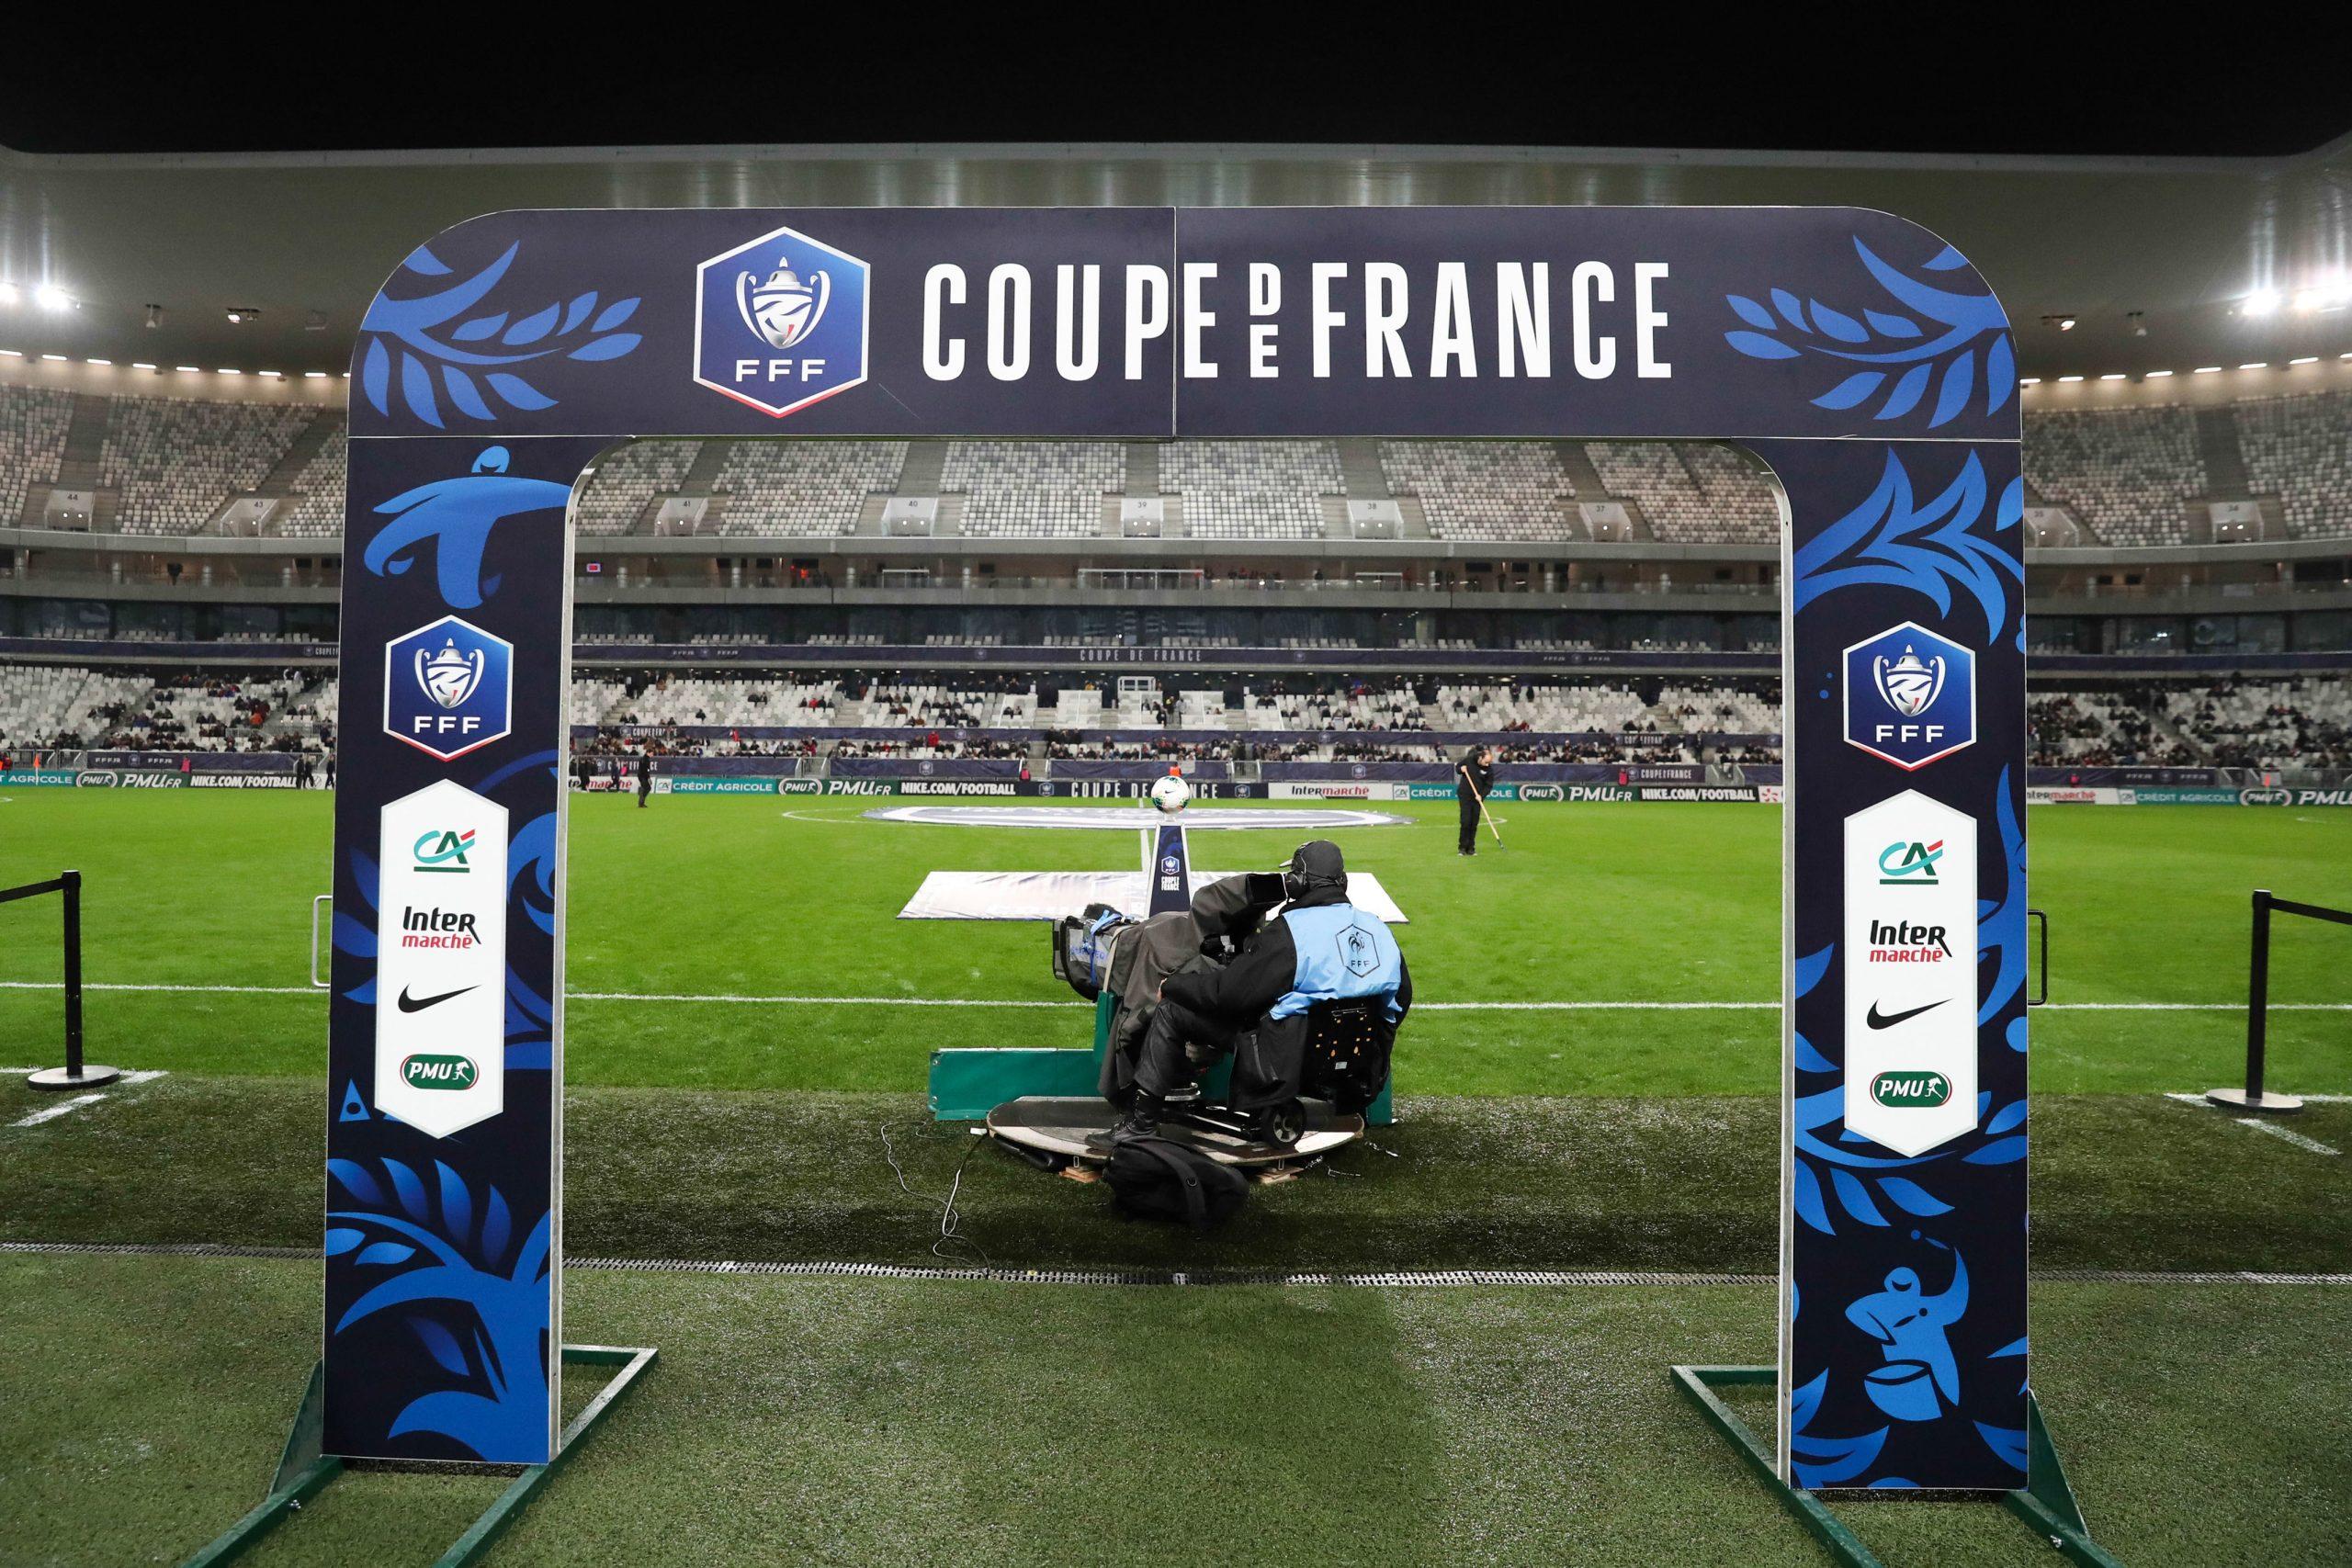 Officiel - Le tirage au sort des Coupe de France masculine et féminine aura lieu le 7 janvier